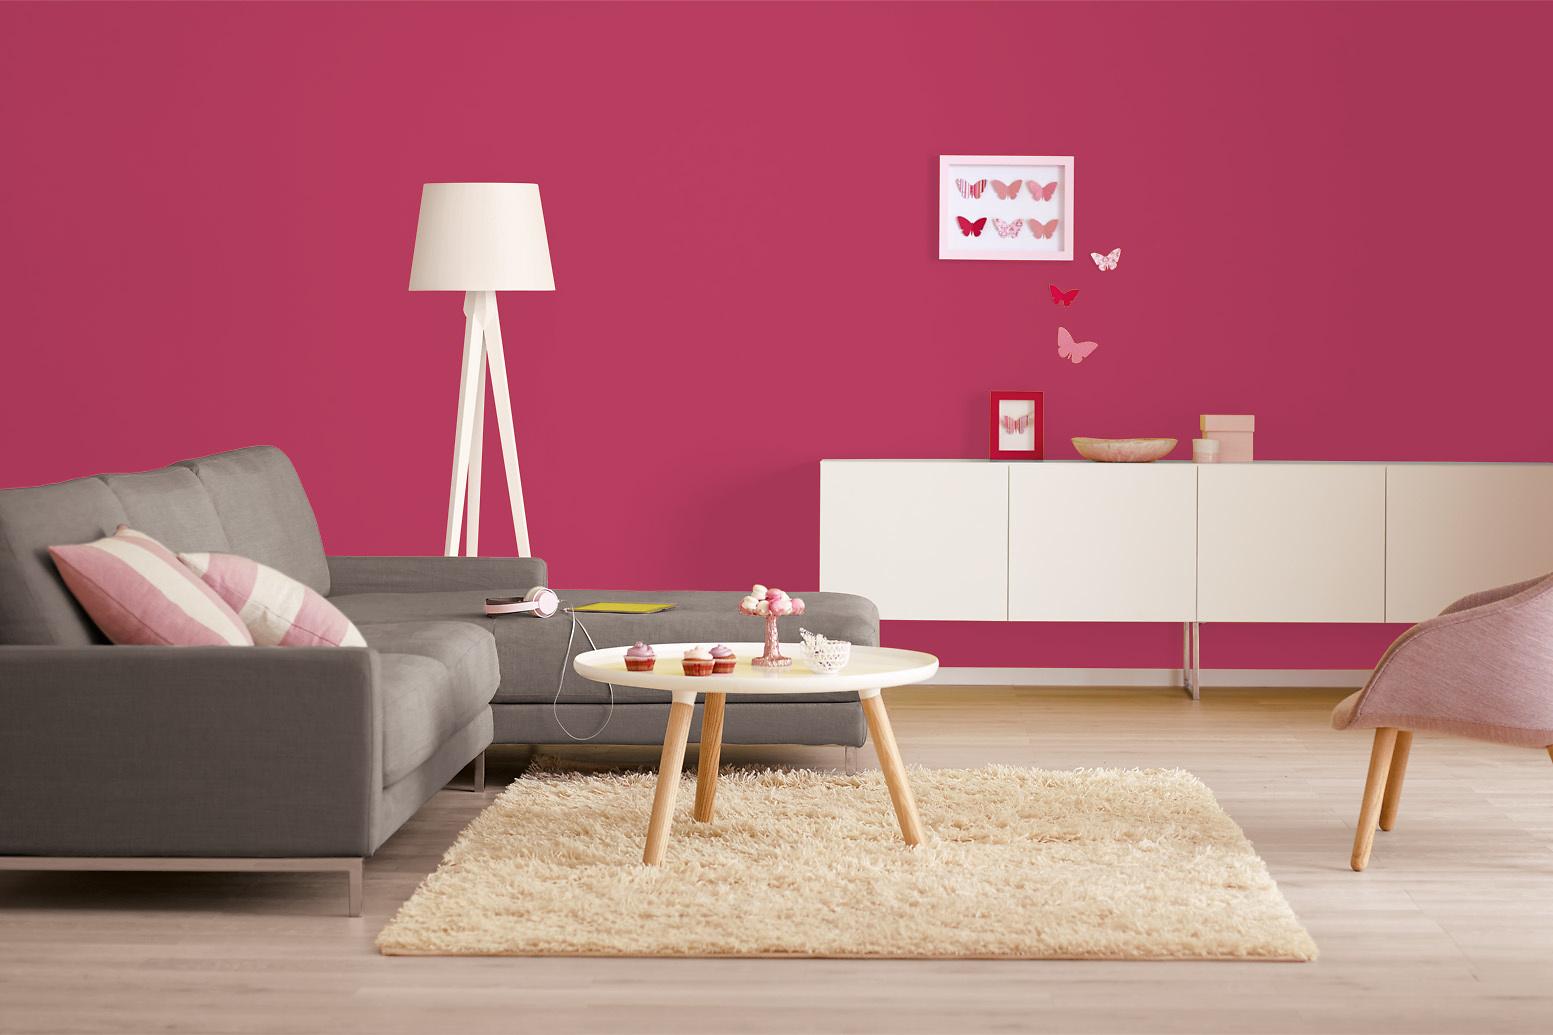 Schön Farbe Beere Galerie Von Innenfarbe In Rosa-rot, Fuchsia Streichen: Alpina Farbrezepte